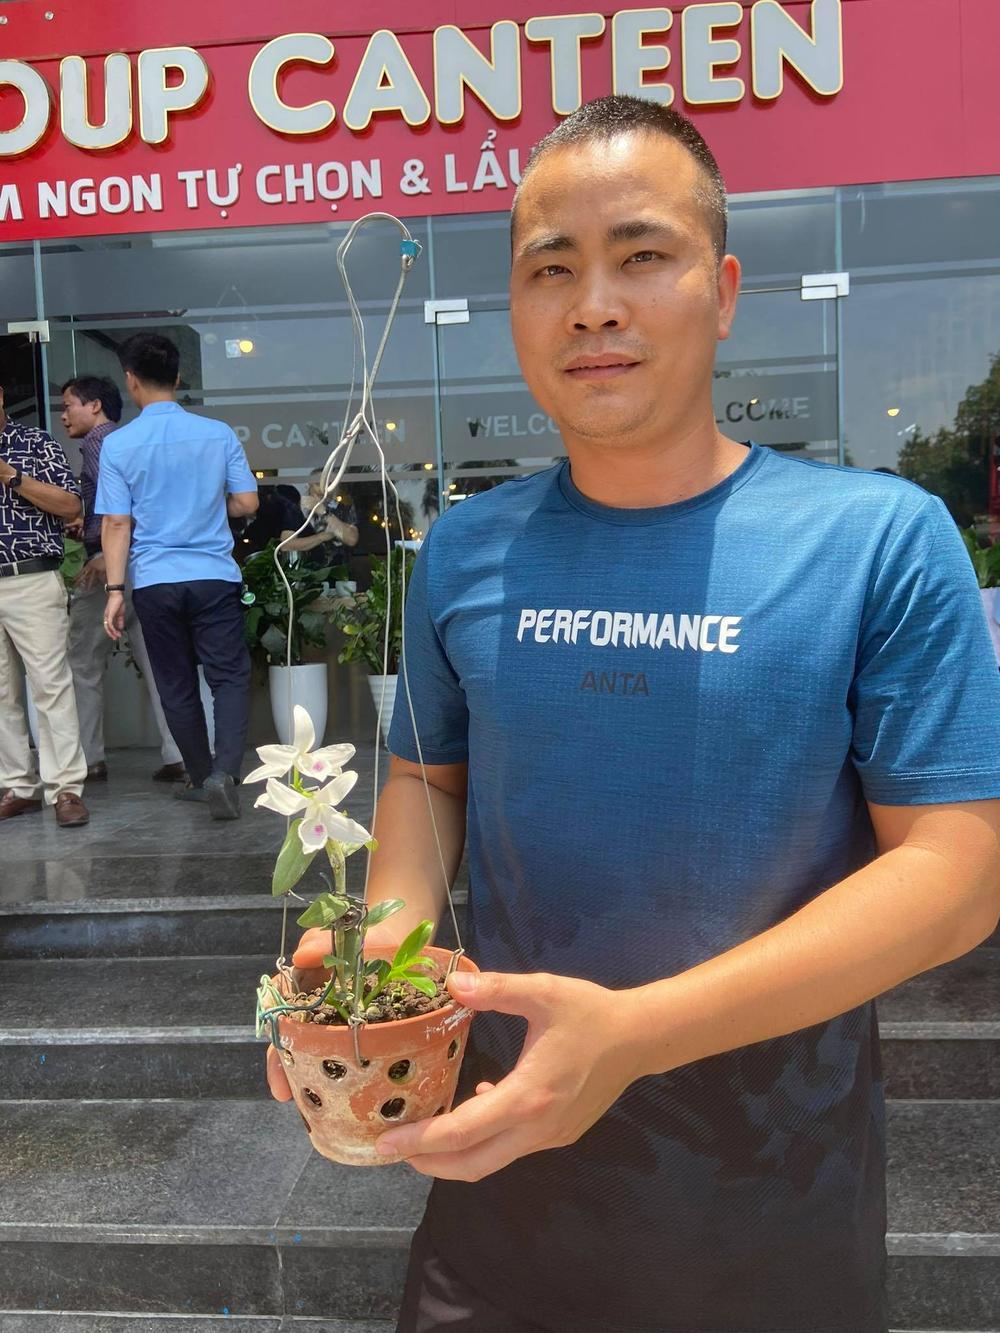 Ông chủ vườn lan Huỳnh Long và mối cơ duyên đặc biệt với hoa lan Ảnh 6